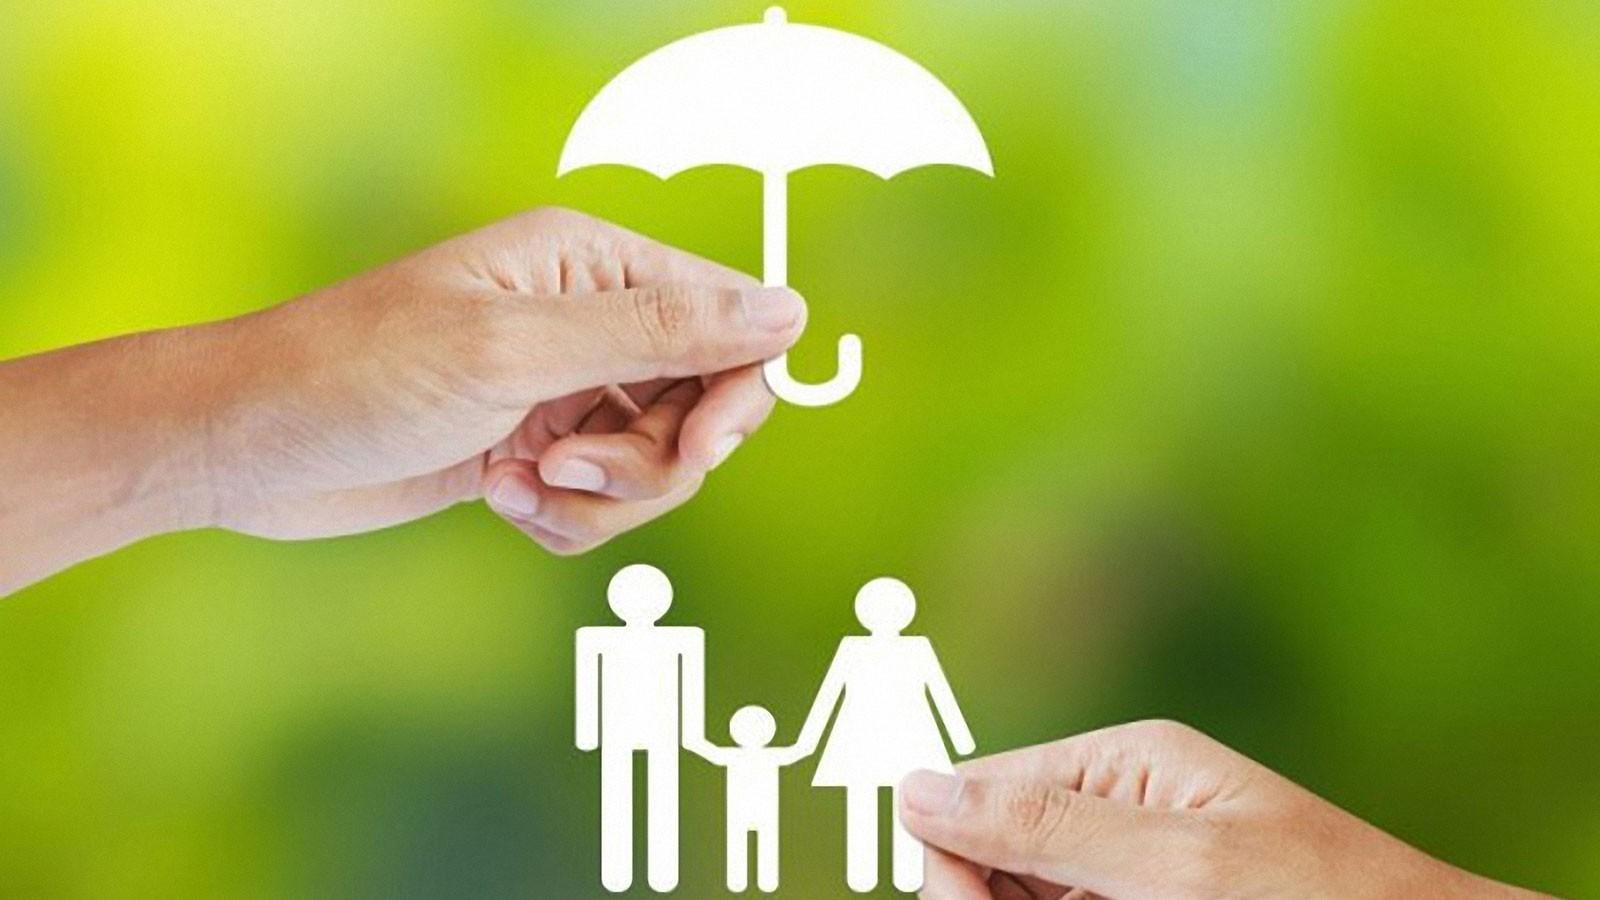 3 loại bảo hiểm sẽ chi trả quyền lợi cho bạn khi khám chữa bệnh nội trú  - Ảnh 5.